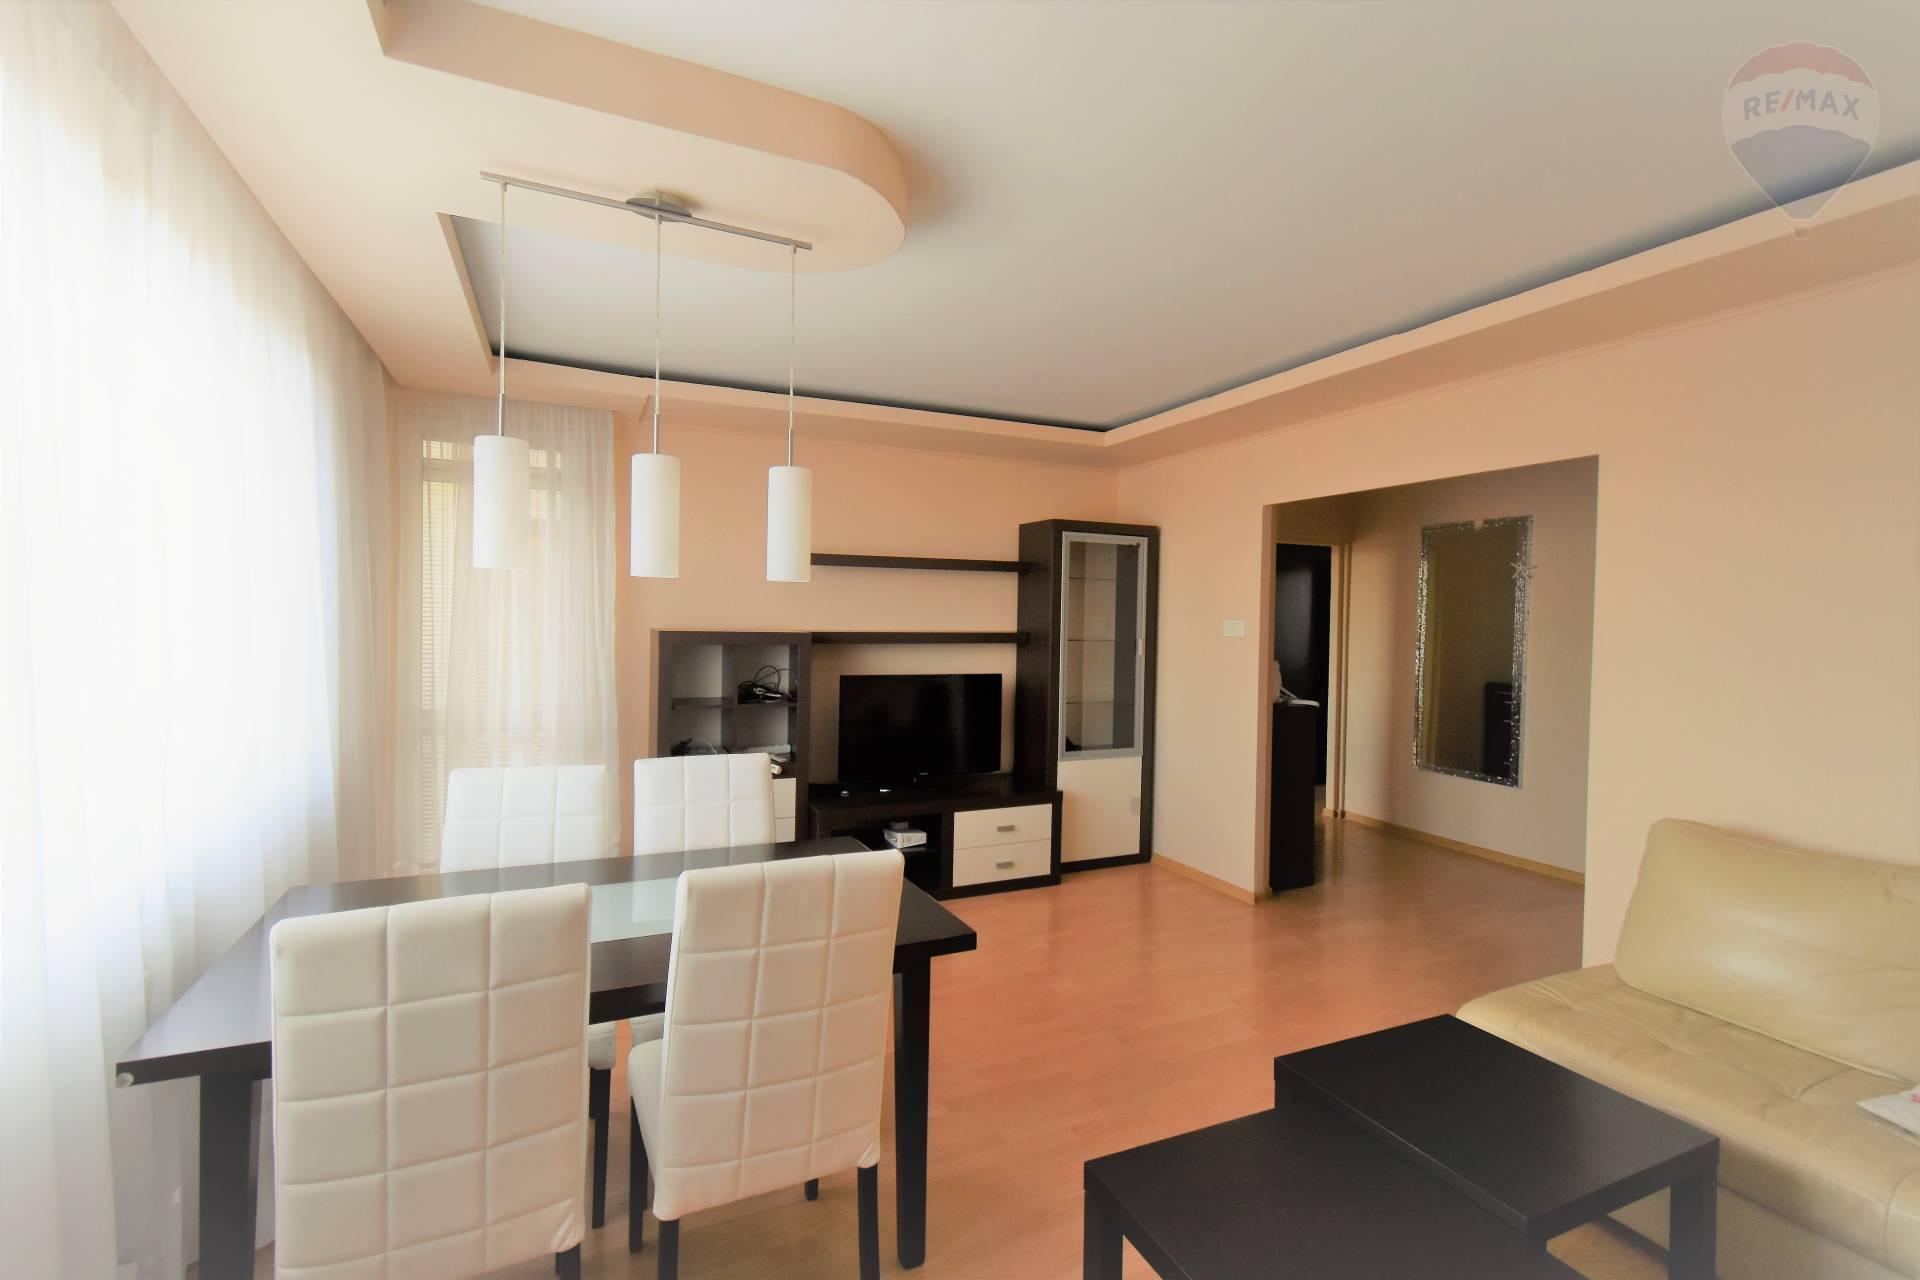 Prenájom: 3 izbový byt, Dunajská Streda, Nemesszegská ulica, 64 m2